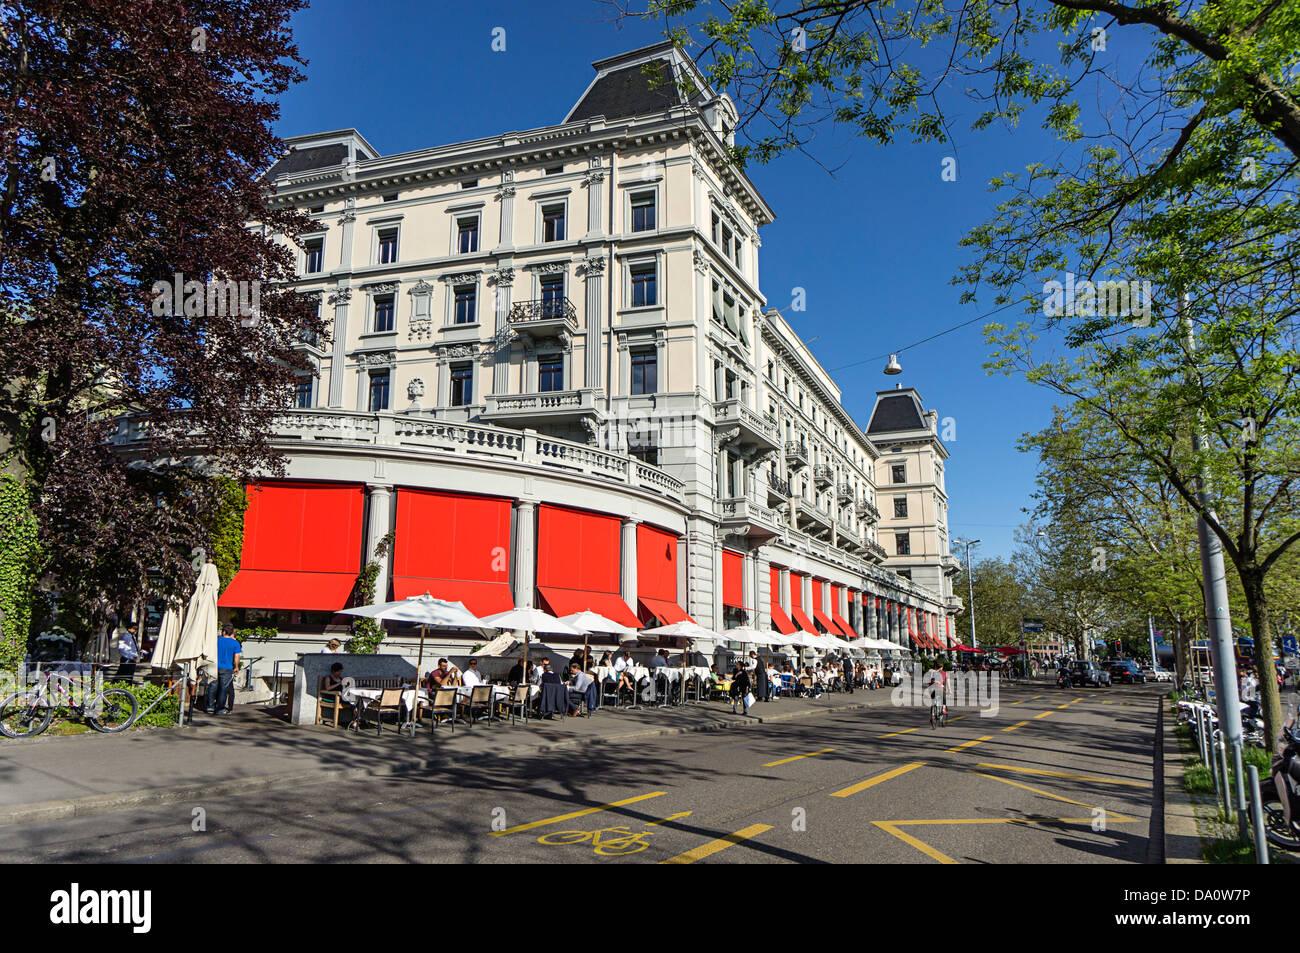 Restaurant and street Cafe Terasse , Limmatquai, Zurich, Switzerland - Stock Image